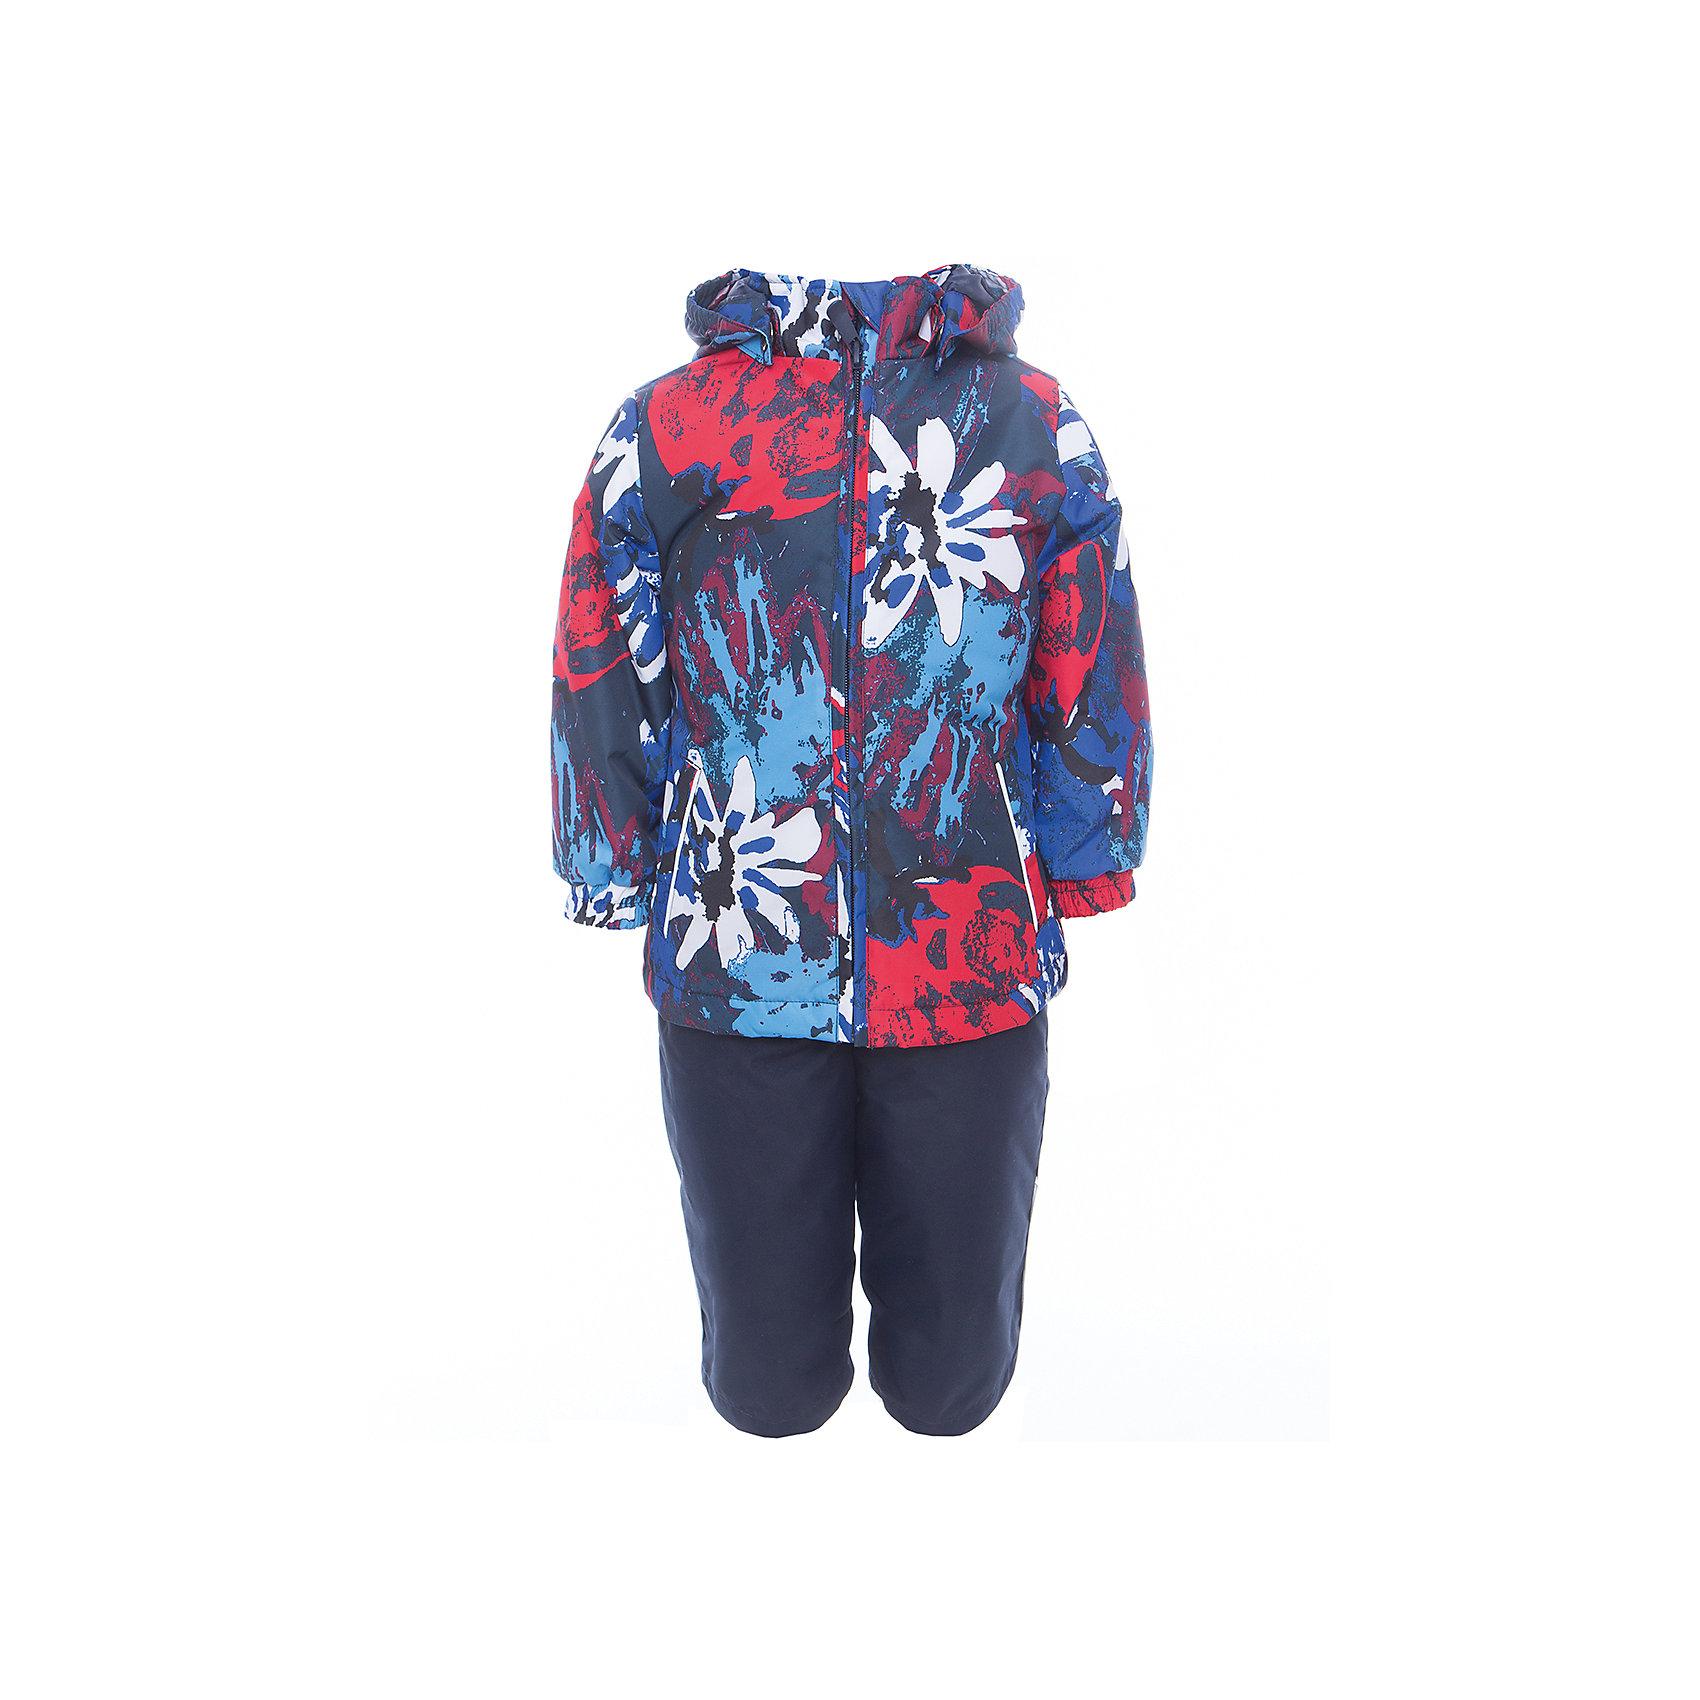 Комплект: куртка и полукомбинезон для девочки YONNE HuppaВерхняя одежда<br>Характеристики товара:<br><br>• цвет: синий принт/тёмно-синий<br>• комплектация: куртка и полукомбинезон <br>• ткань: 100% полиэстер<br>• подкладка: тафта - 100% полиэстер<br>• утеплитель: куртка и полукомбинезон - 100% полиэстер 100 г.<br>• температурный режим: от -5°С до +10°С<br>• водонепроницаемость: верх - 5000 мм, низ - 10000 мм<br>• воздухопроницаемость: верх - 5000 мм, низ - 10000 мм<br>• светоотражающие детали<br>• шов сидения проклеен<br>• съёмный капюшон с резинкой<br>• защита подбородка от молнии<br>• эластичные манжеты на рукавах<br>• регулируемый низ брючин<br>• эластичный шнур с фиксатором внизу брючин<br>• без внутренних швов<br>• резиновые подтяжки<br>• коллекция: весна-лето 2017<br>• страна бренда: Эстония<br><br>Такой модный демисезонный комплект  обеспечит детям тепло и комфорт. Он сделан из материала, отталкивающего воду, и дополнен подкладкой с утеплителем, поэтому изделие идеально подходит для межсезонья. Материал изделий - с мембранной технологией: защищая от влаги и ветра, он легко выводит лишнюю влагу наружу. Комплект очень симпатично смотрится. <br><br>Одежда и обувь от популярного эстонского бренда Huppa - отличный вариант одеть ребенка можно и комфортно. Вещи, выпускаемые компанией, качественные, продуманные и очень удобные. Для производства изделий используются только безопасные для детей материалы. Продукция от Huppa порадует и детей, и их родителей!<br><br>Комплект: куртка и полукомбинезон YONNE от бренда Huppa (Хуппа) можно купить в нашем интернет-магазине.<br><br>Ширина мм: 356<br>Глубина мм: 10<br>Высота мм: 245<br>Вес г: 519<br>Цвет: синий<br>Возраст от месяцев: 72<br>Возраст до месяцев: 84<br>Пол: Женский<br>Возраст: Детский<br>Размер: 122,80,86,92,98,104,110,116<br>SKU: 5346672